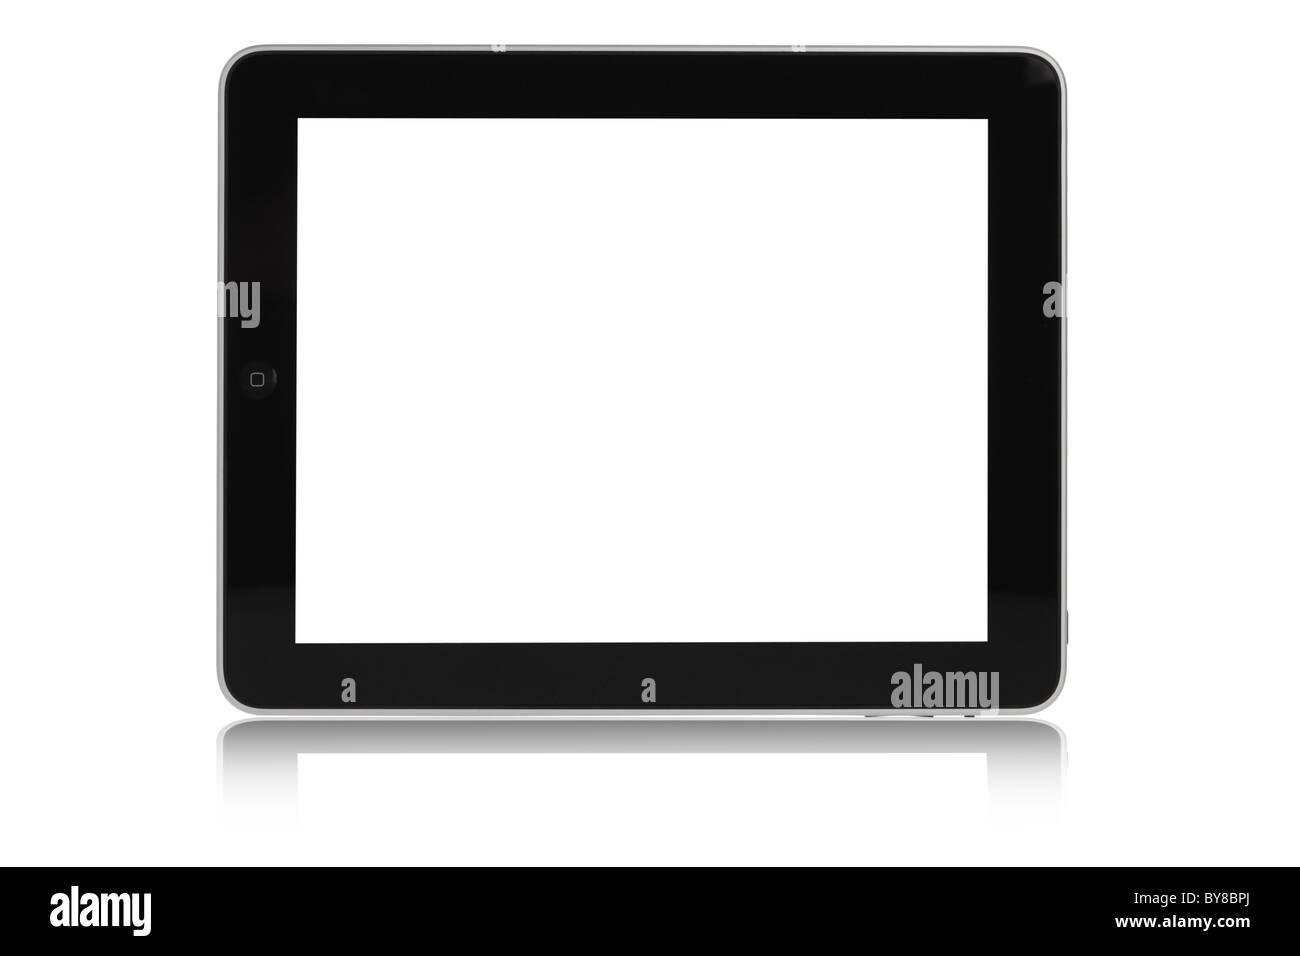 Découpe de l'ipad d'Apple sur fond blanc avec écran vide Photo Stock